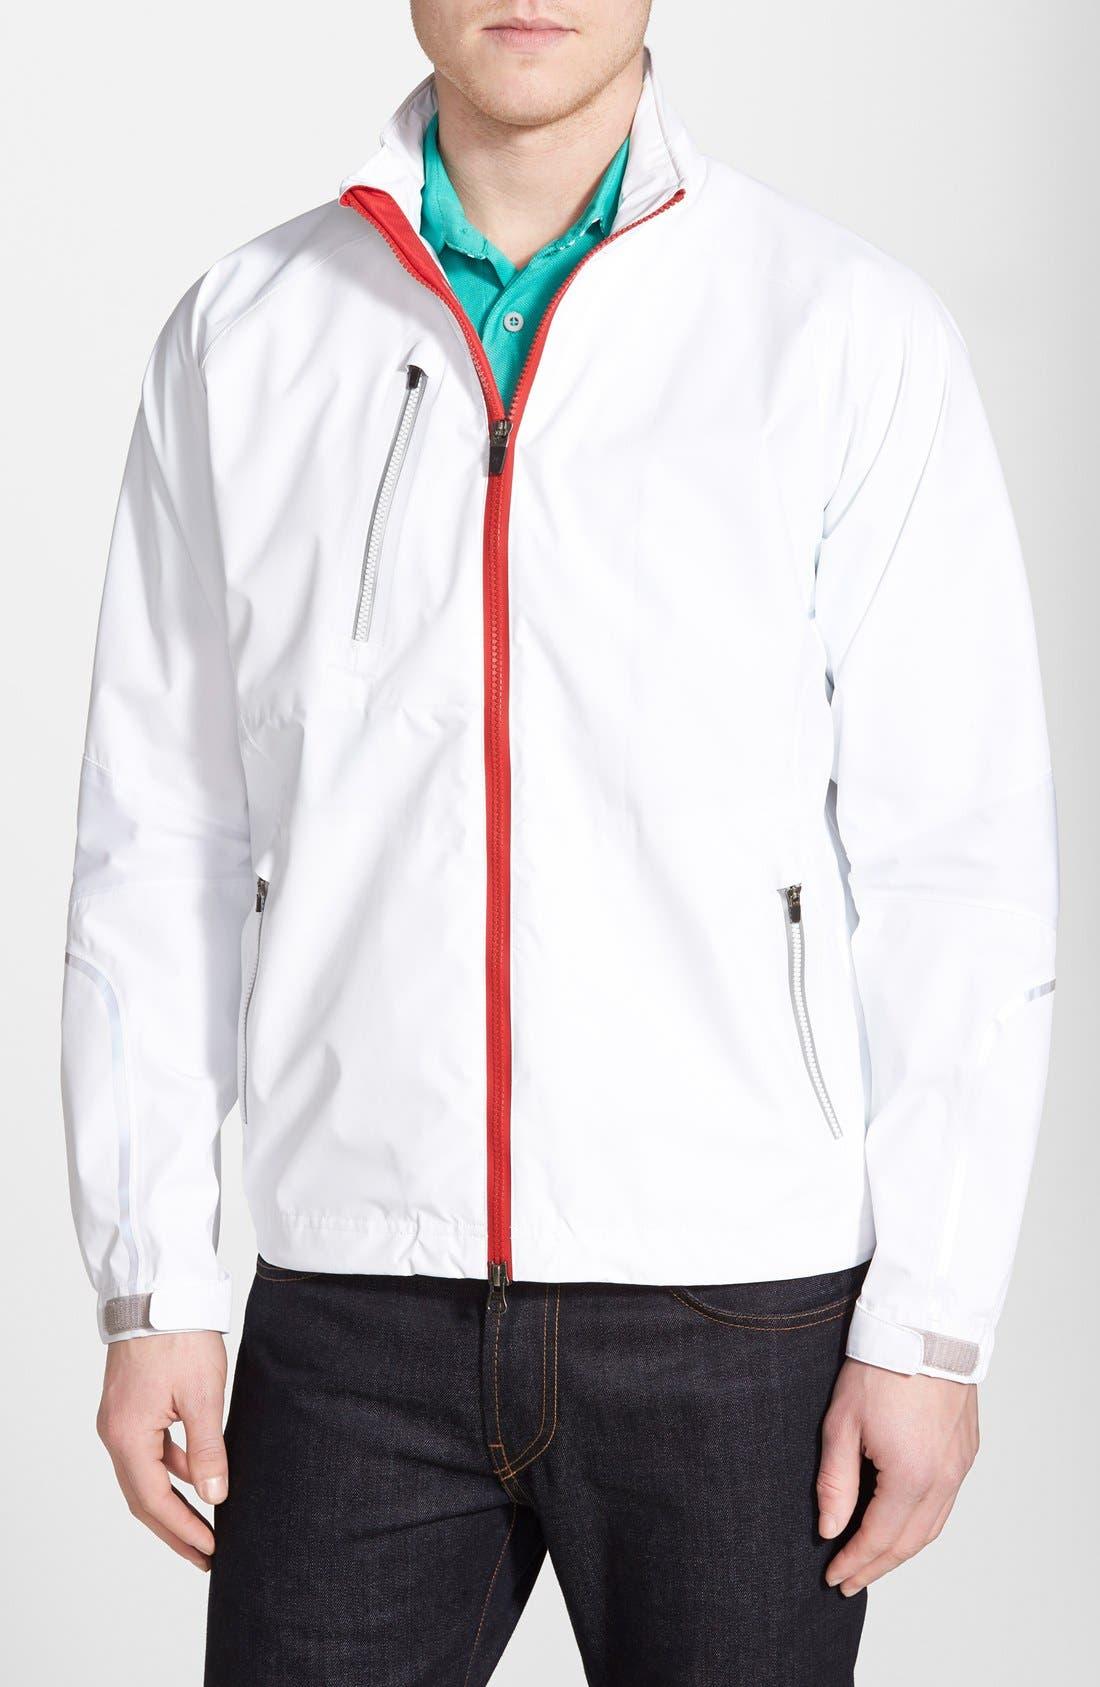 Main Image - Zero Restriction 'Power Torque' Waterproof Jacket